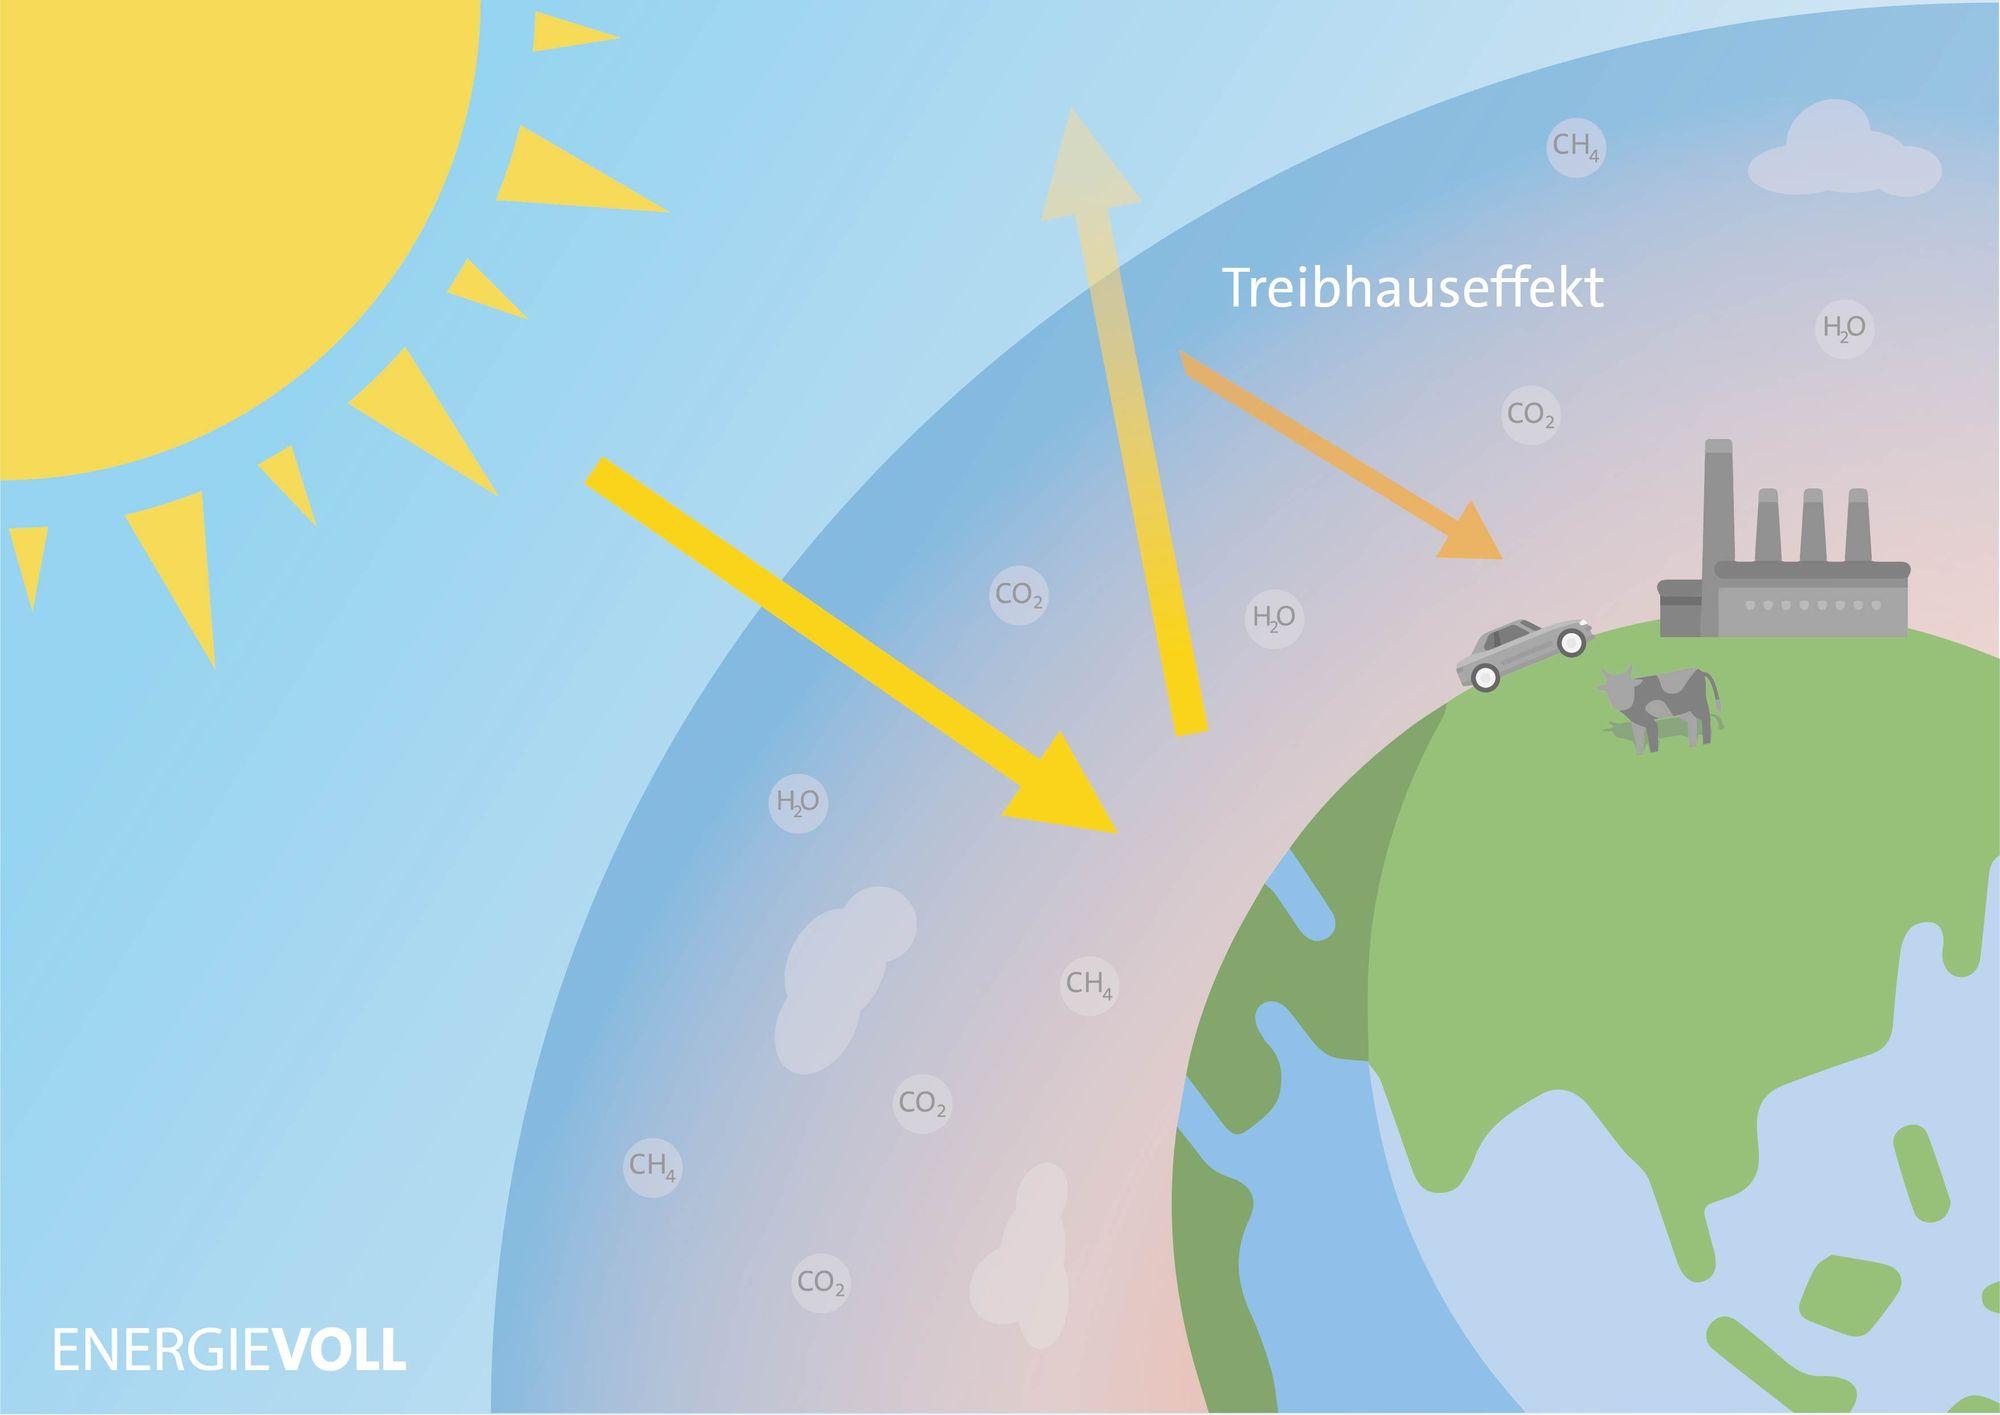 Entstehung des Treibhauseffekts